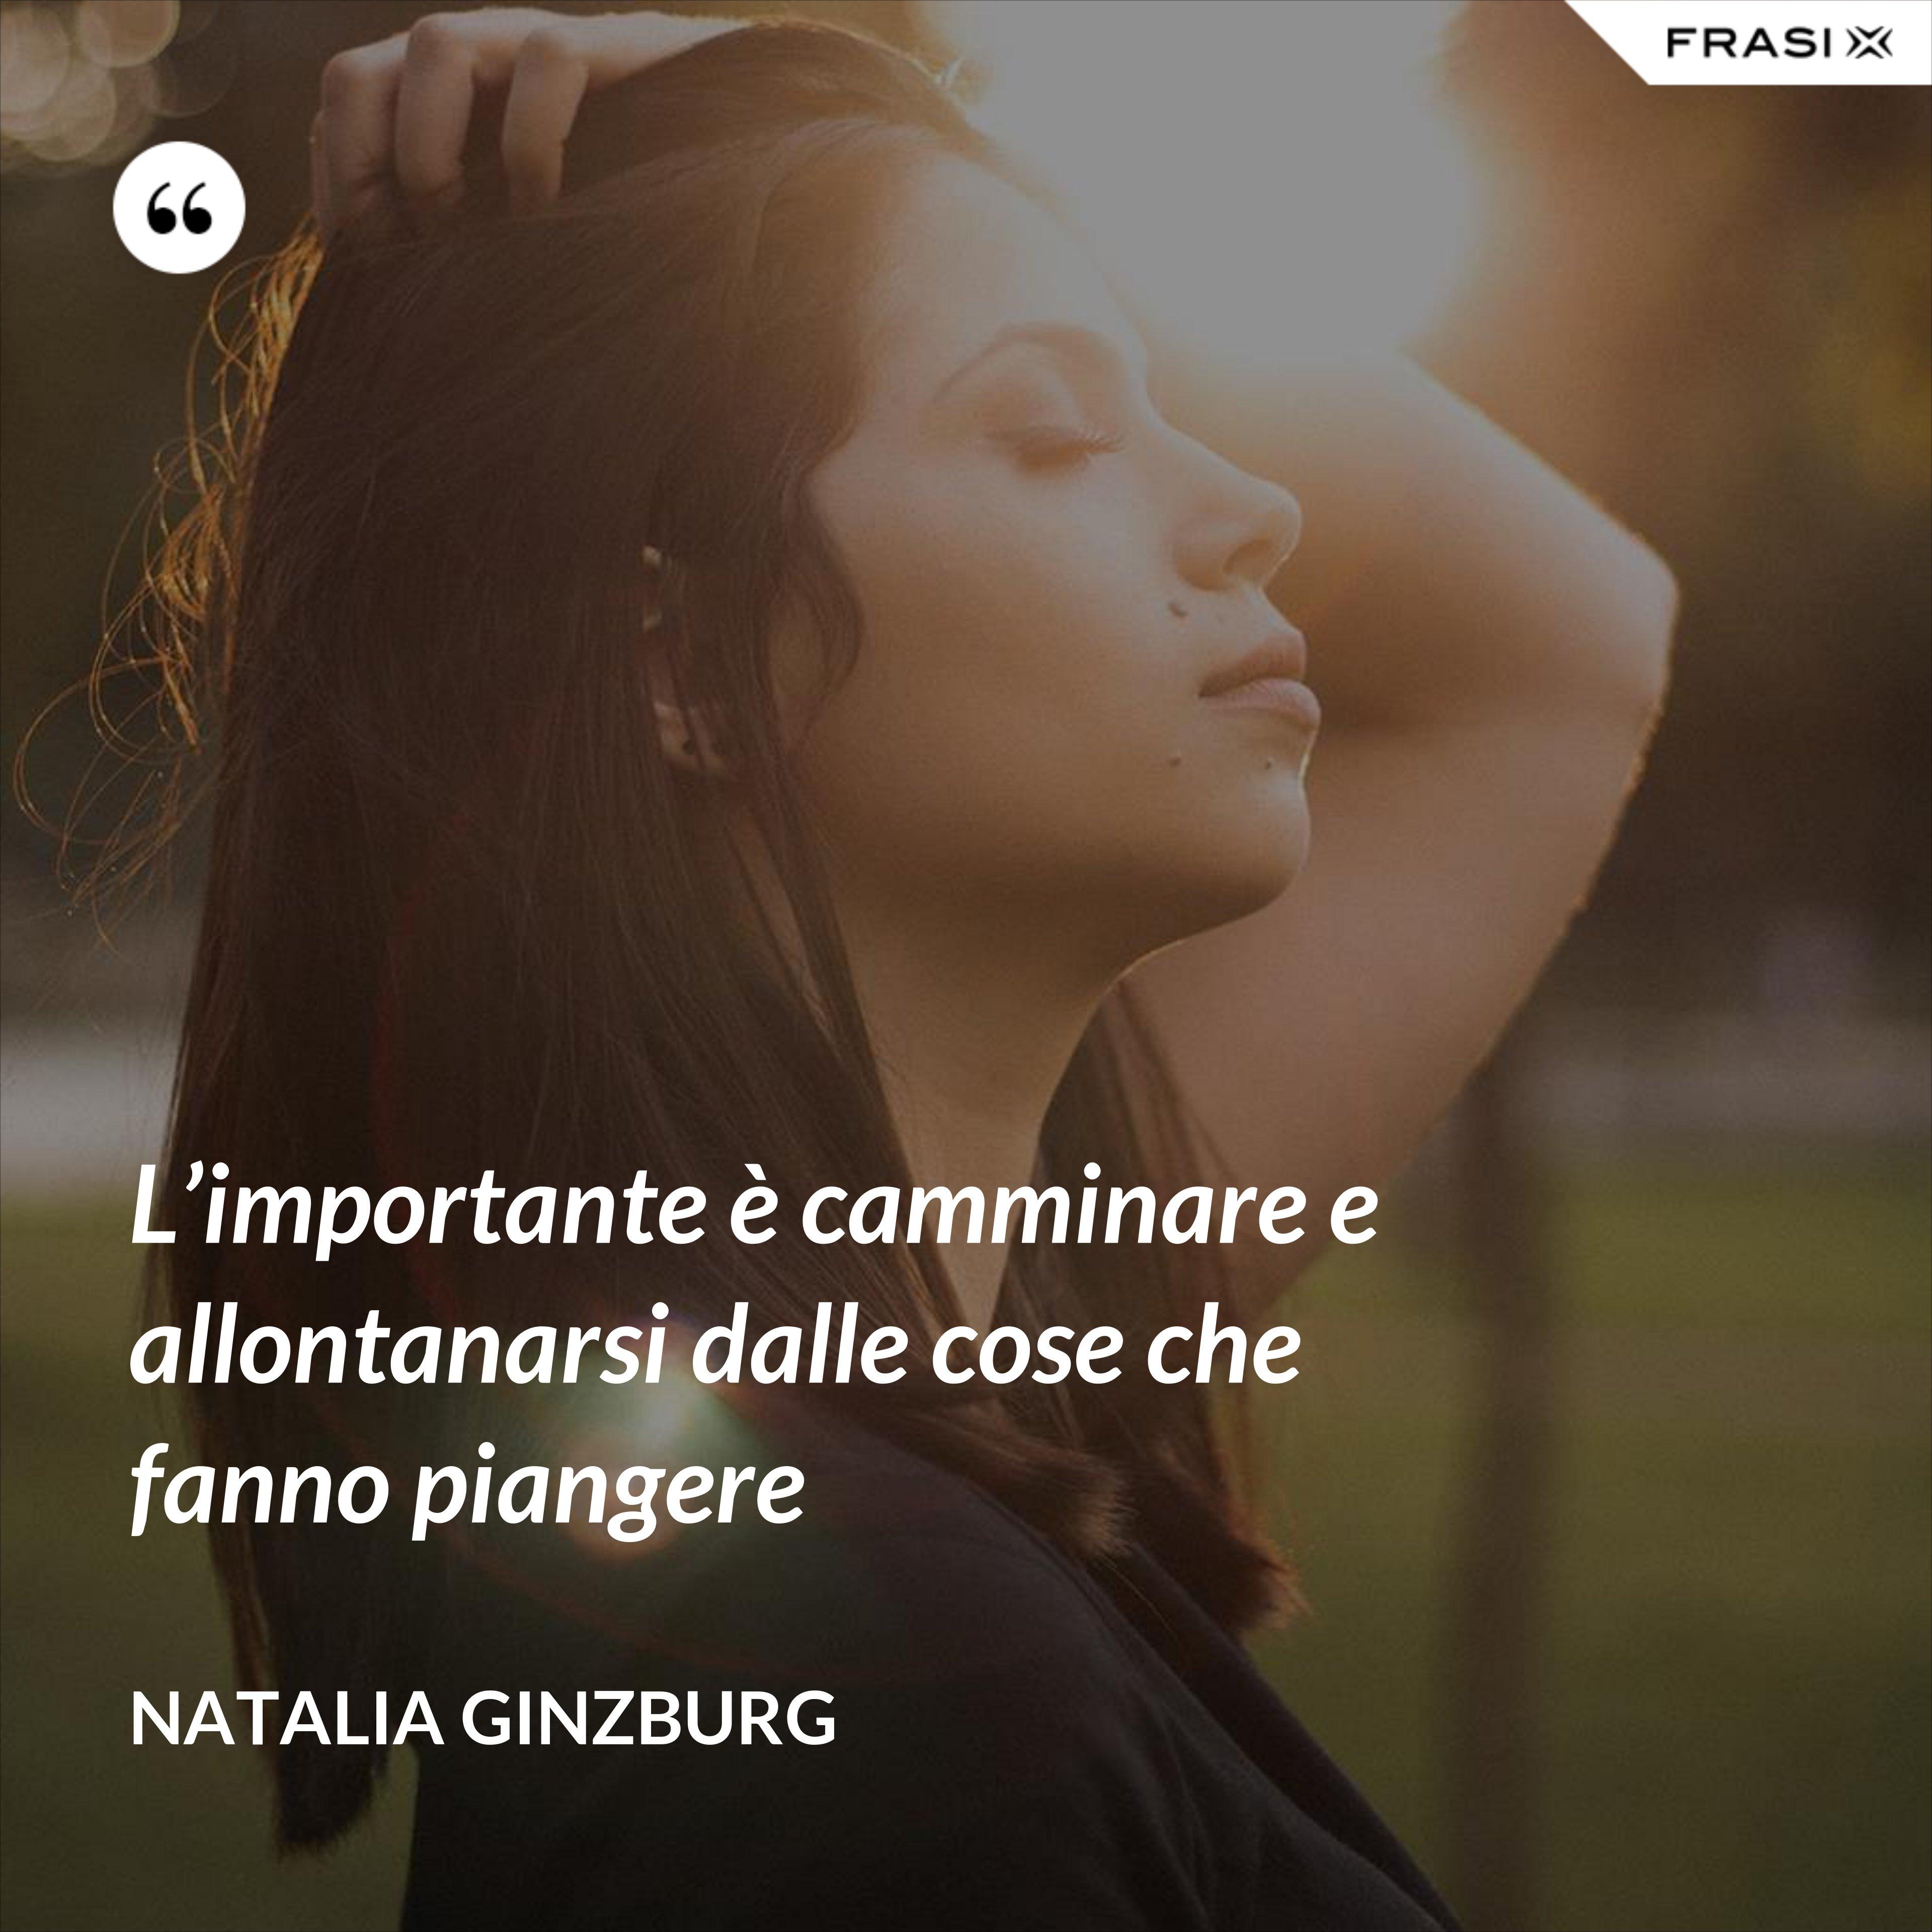 L'importante è camminare e allontanarsi dalle cose che fanno piangere - Natalia Ginzburg